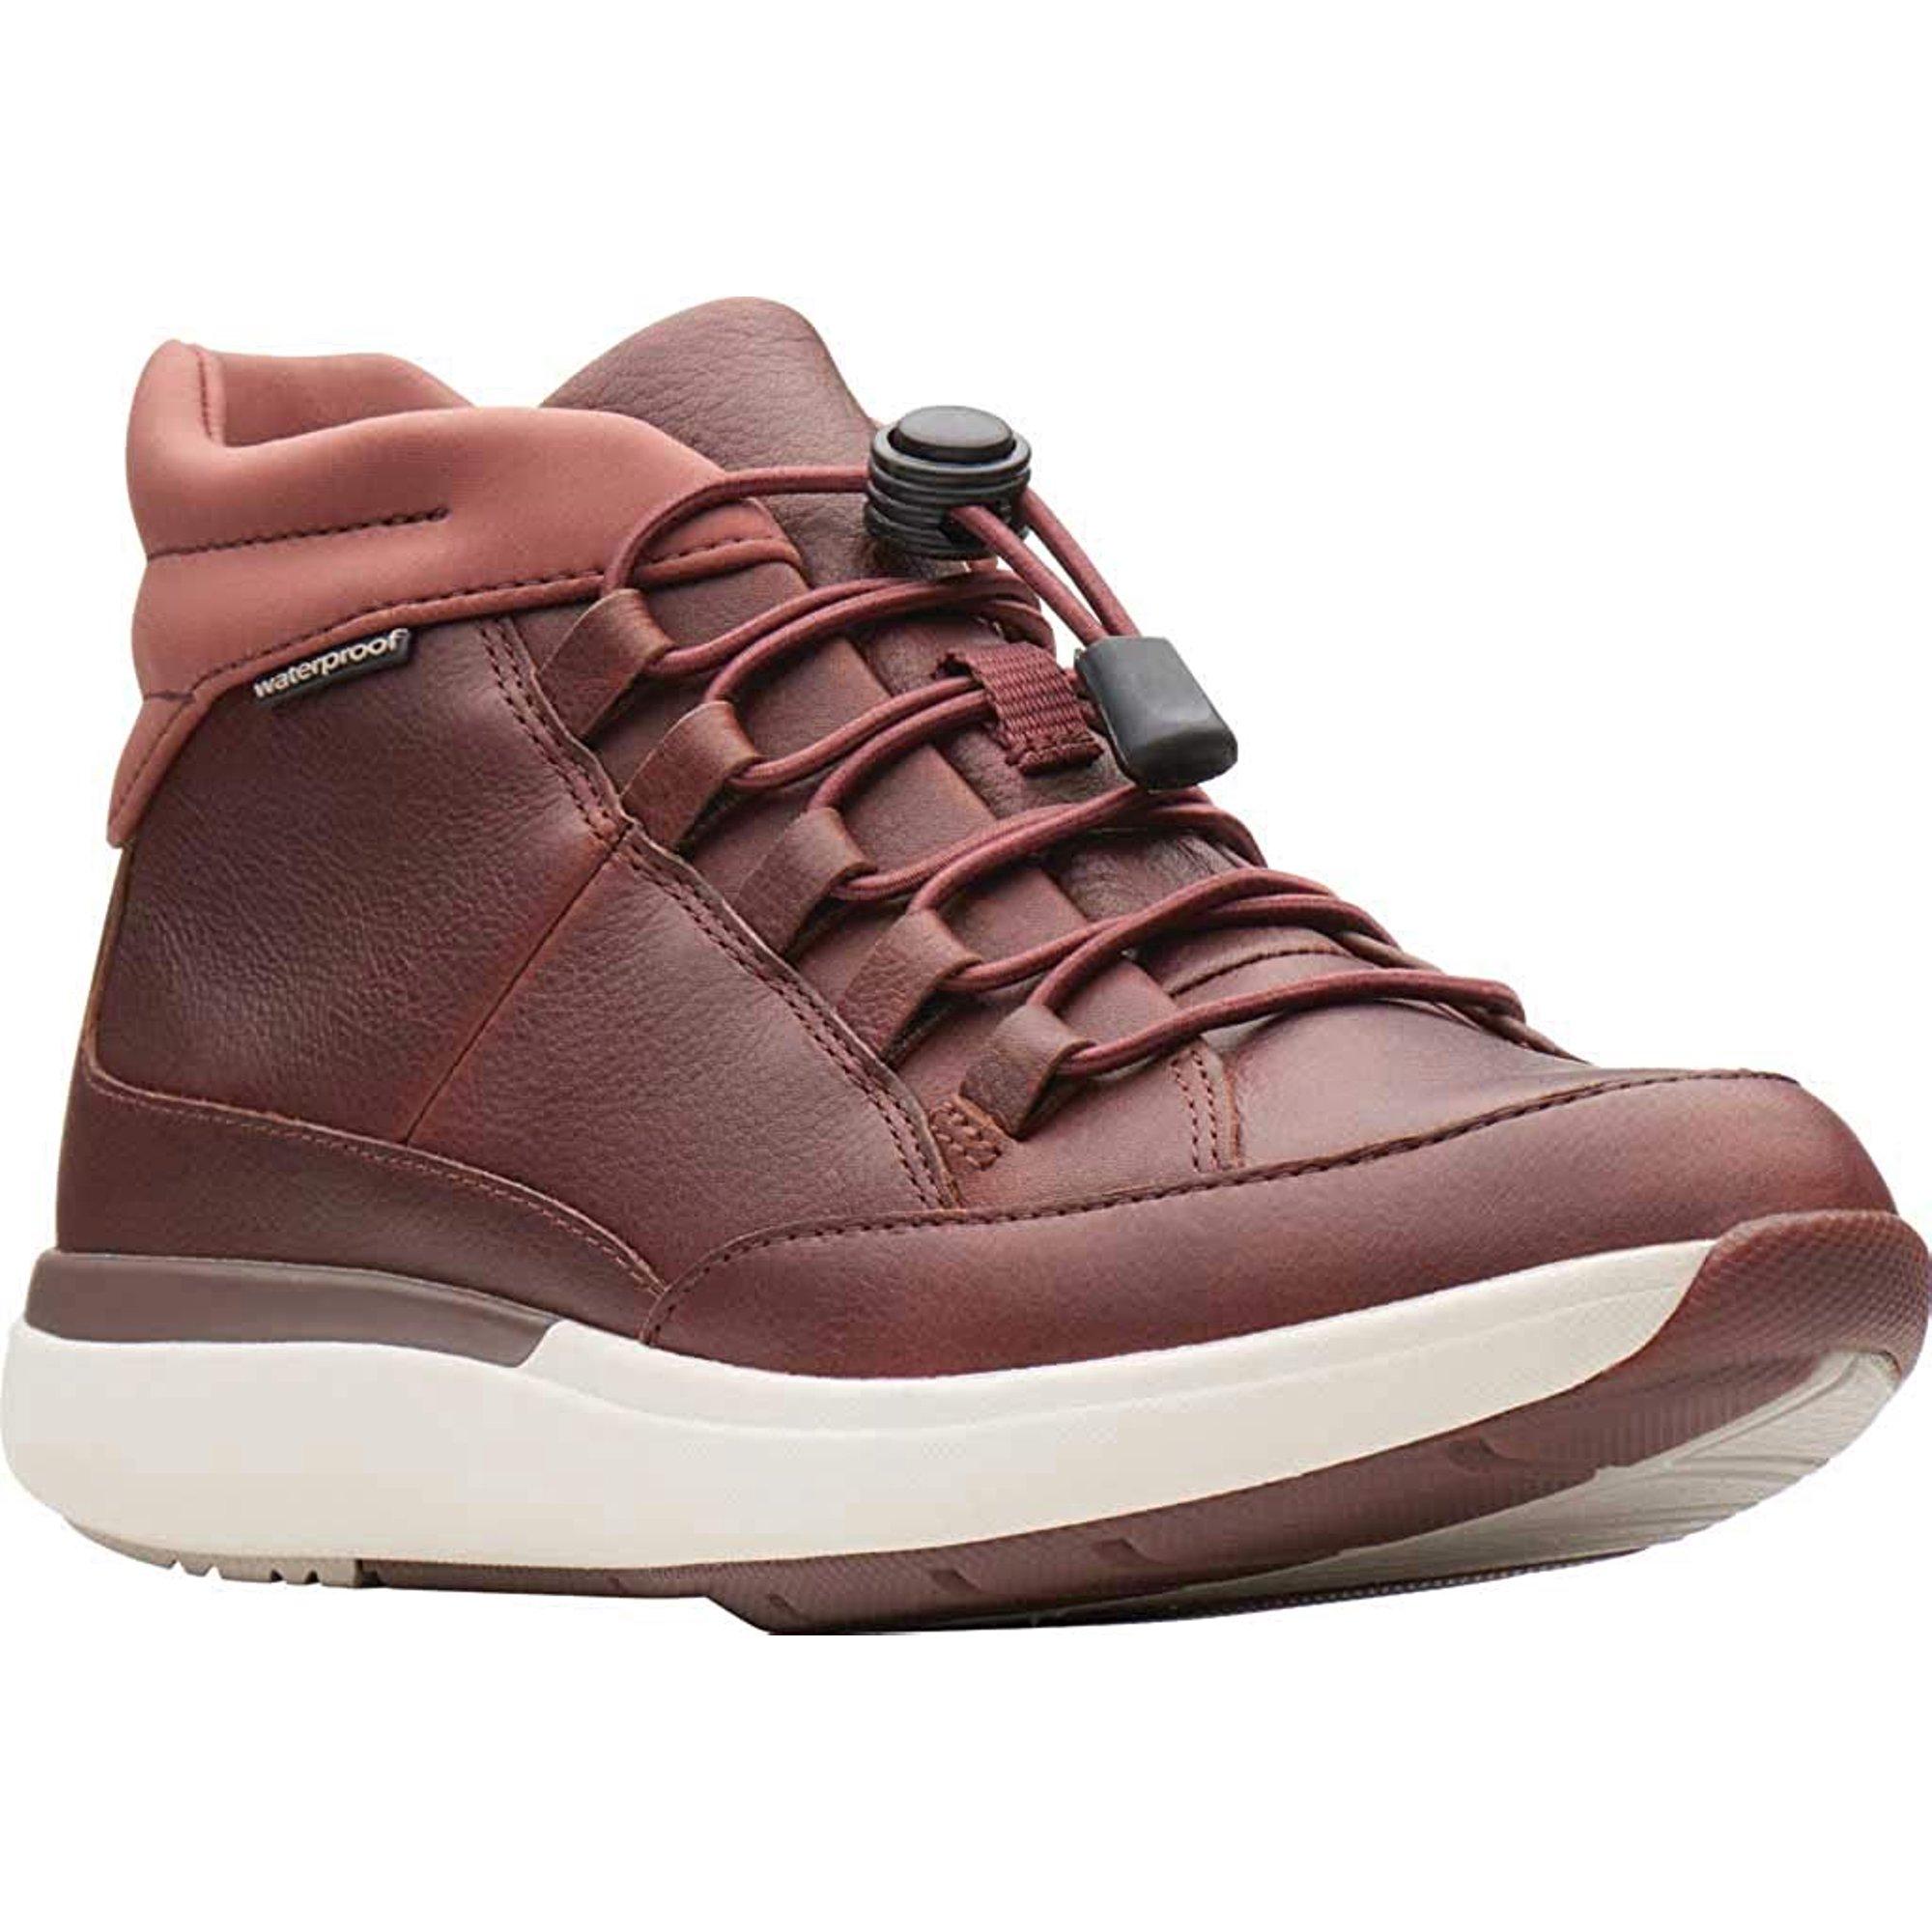 Vueltas y vueltas angustia Comportamiento  CLARKS Un Cruise Mid Womens Sneaker Boot Dark Tan Leather 10 W | Walmart  Canada